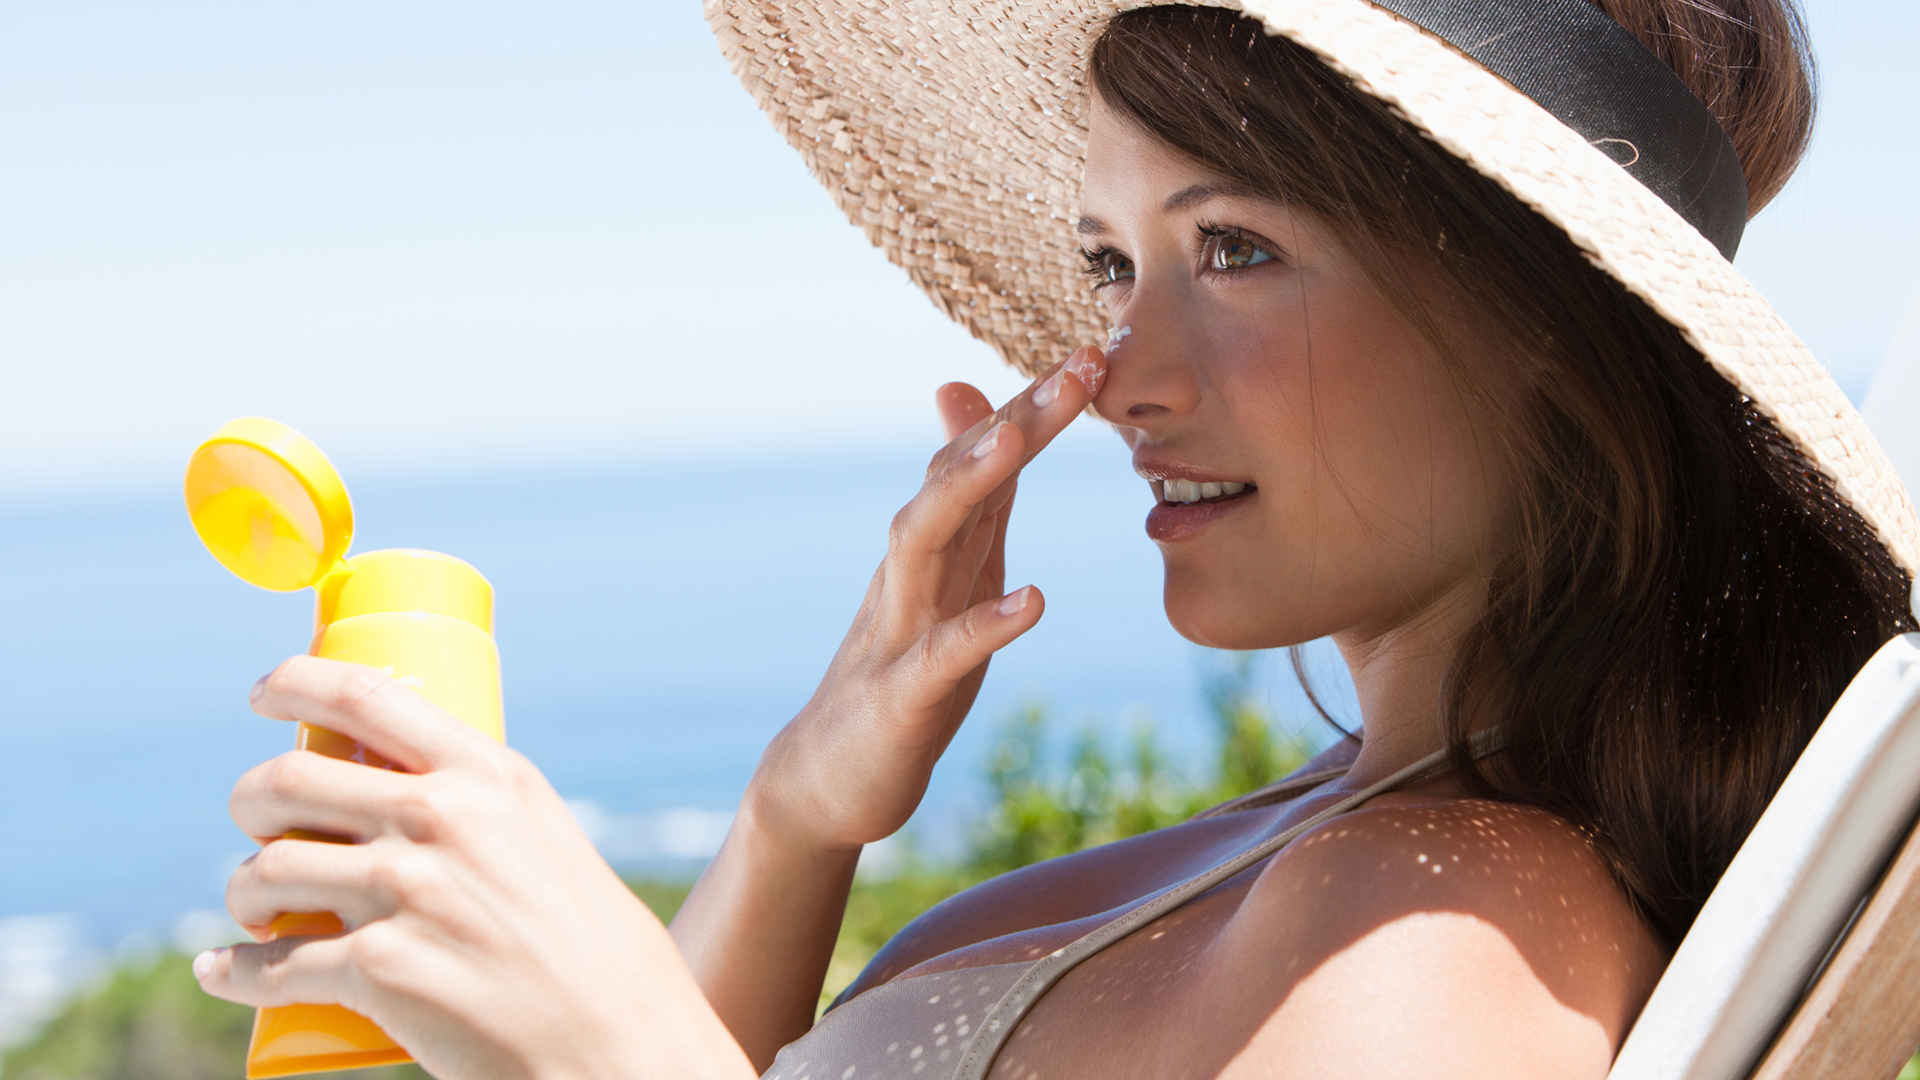 9 lầm tưởng 'to đùng' về kem chống nắng - Ảnh 7